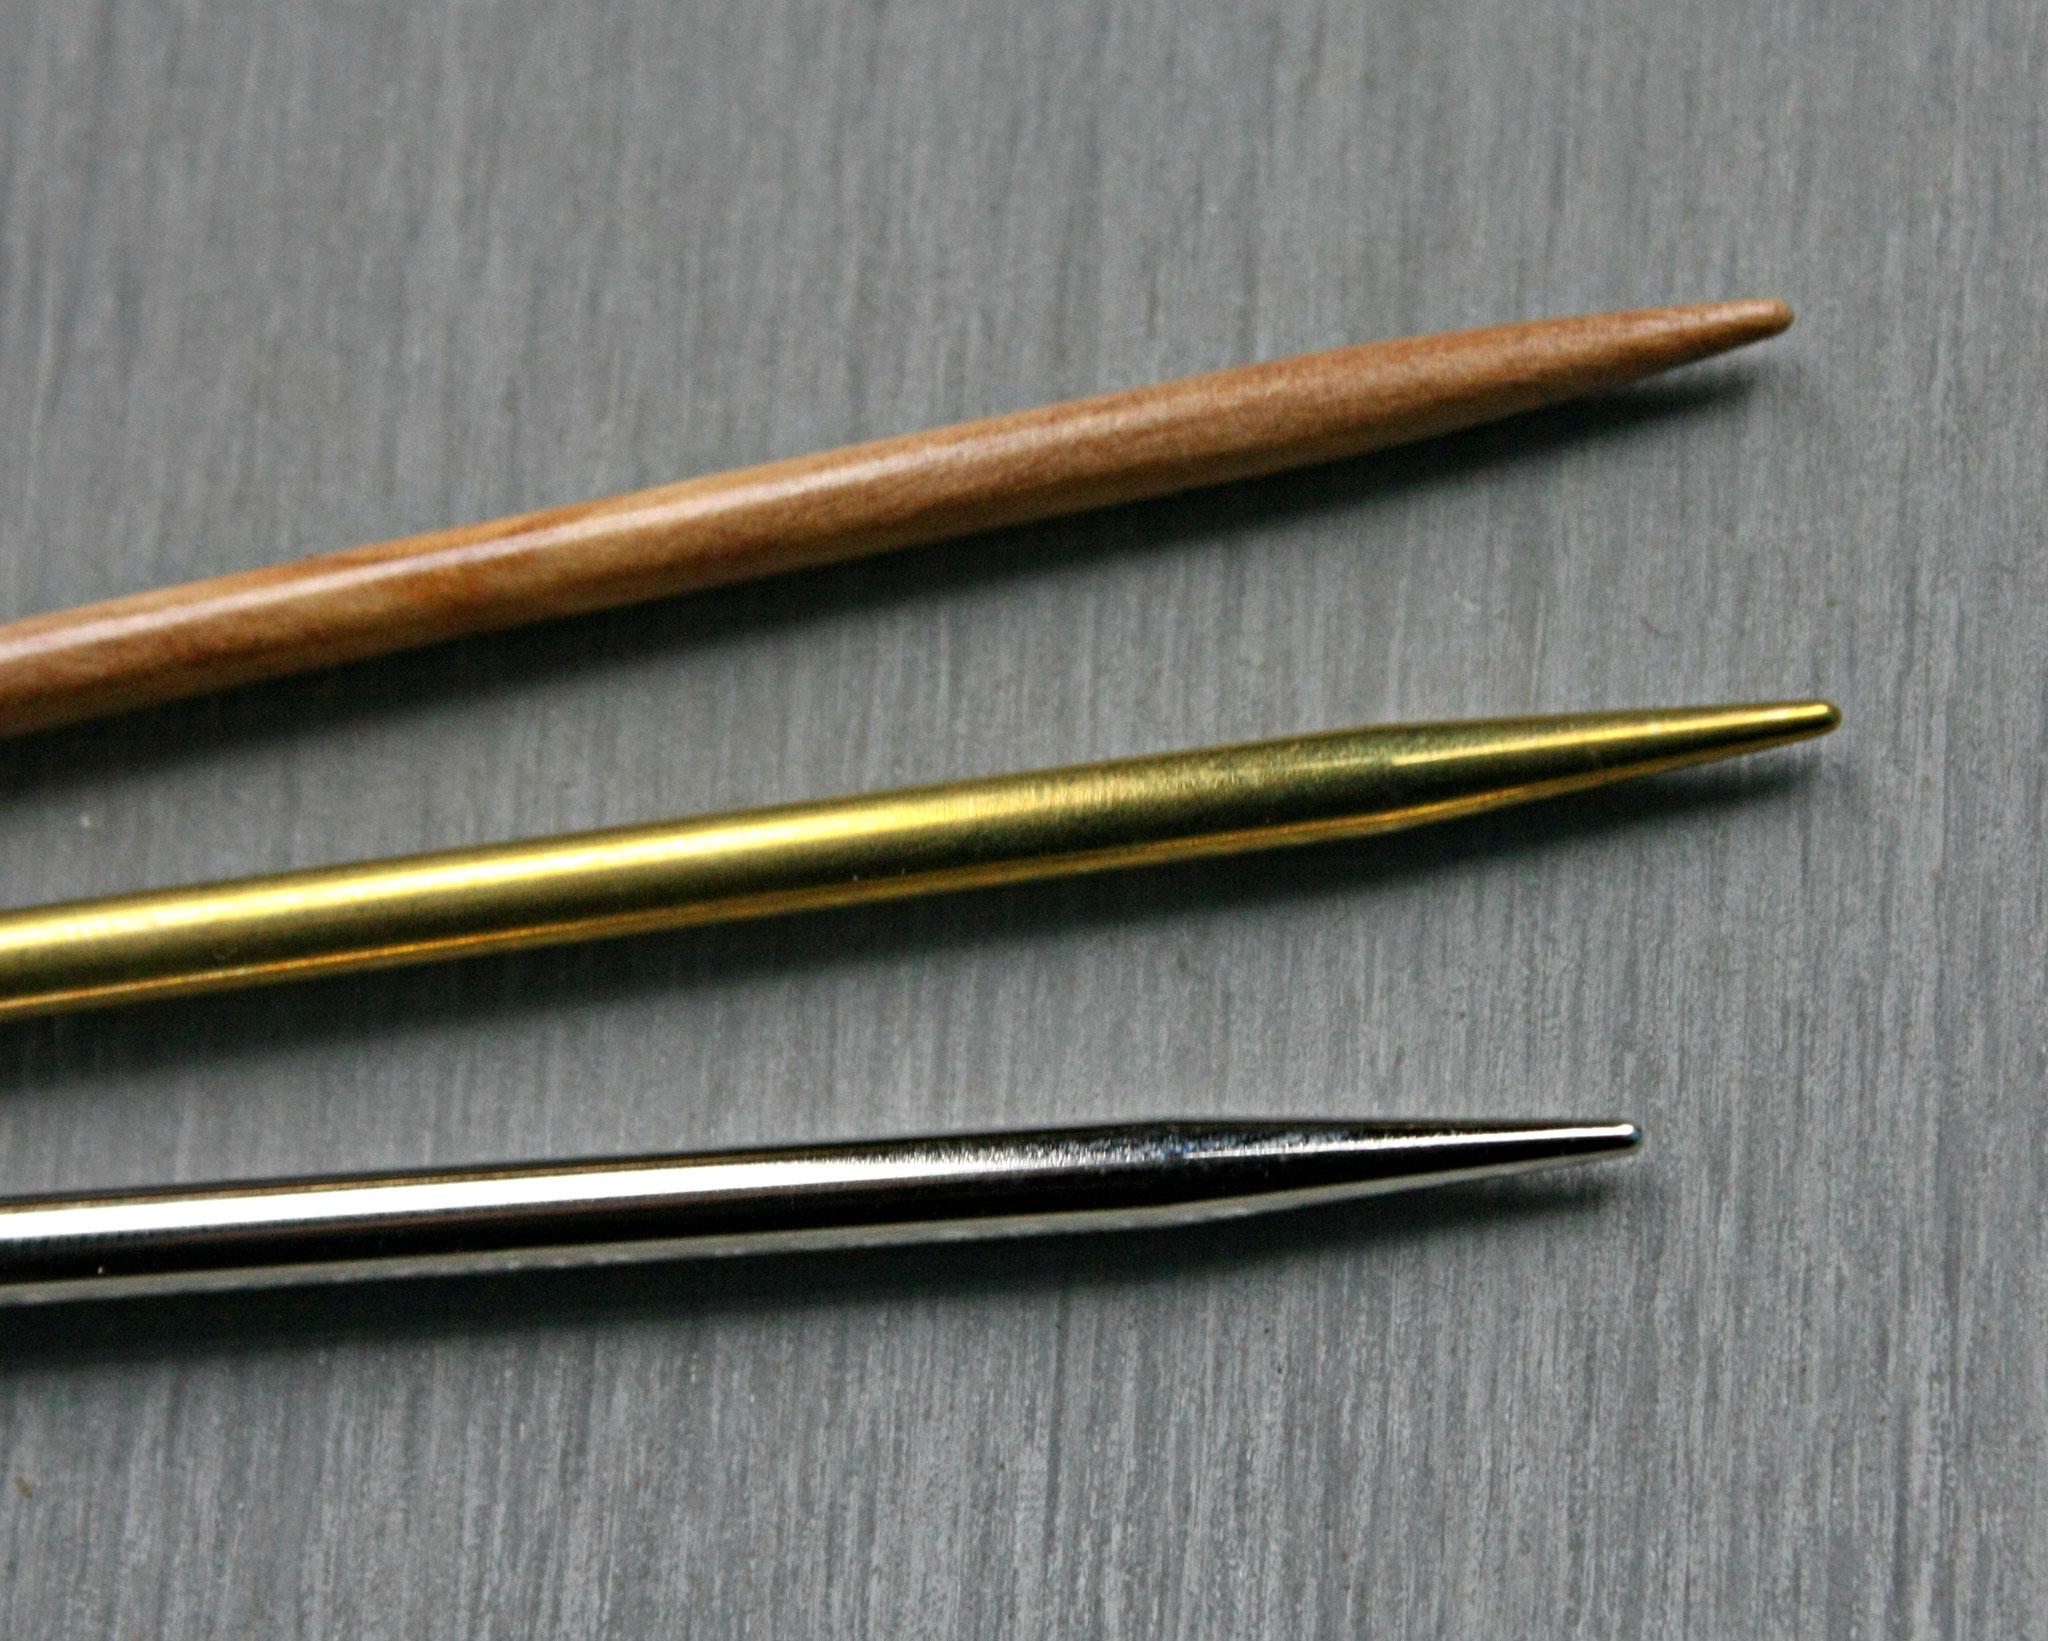 Les pointes des aiguilles lace sont parfaites pour le mohair et la dentelle.